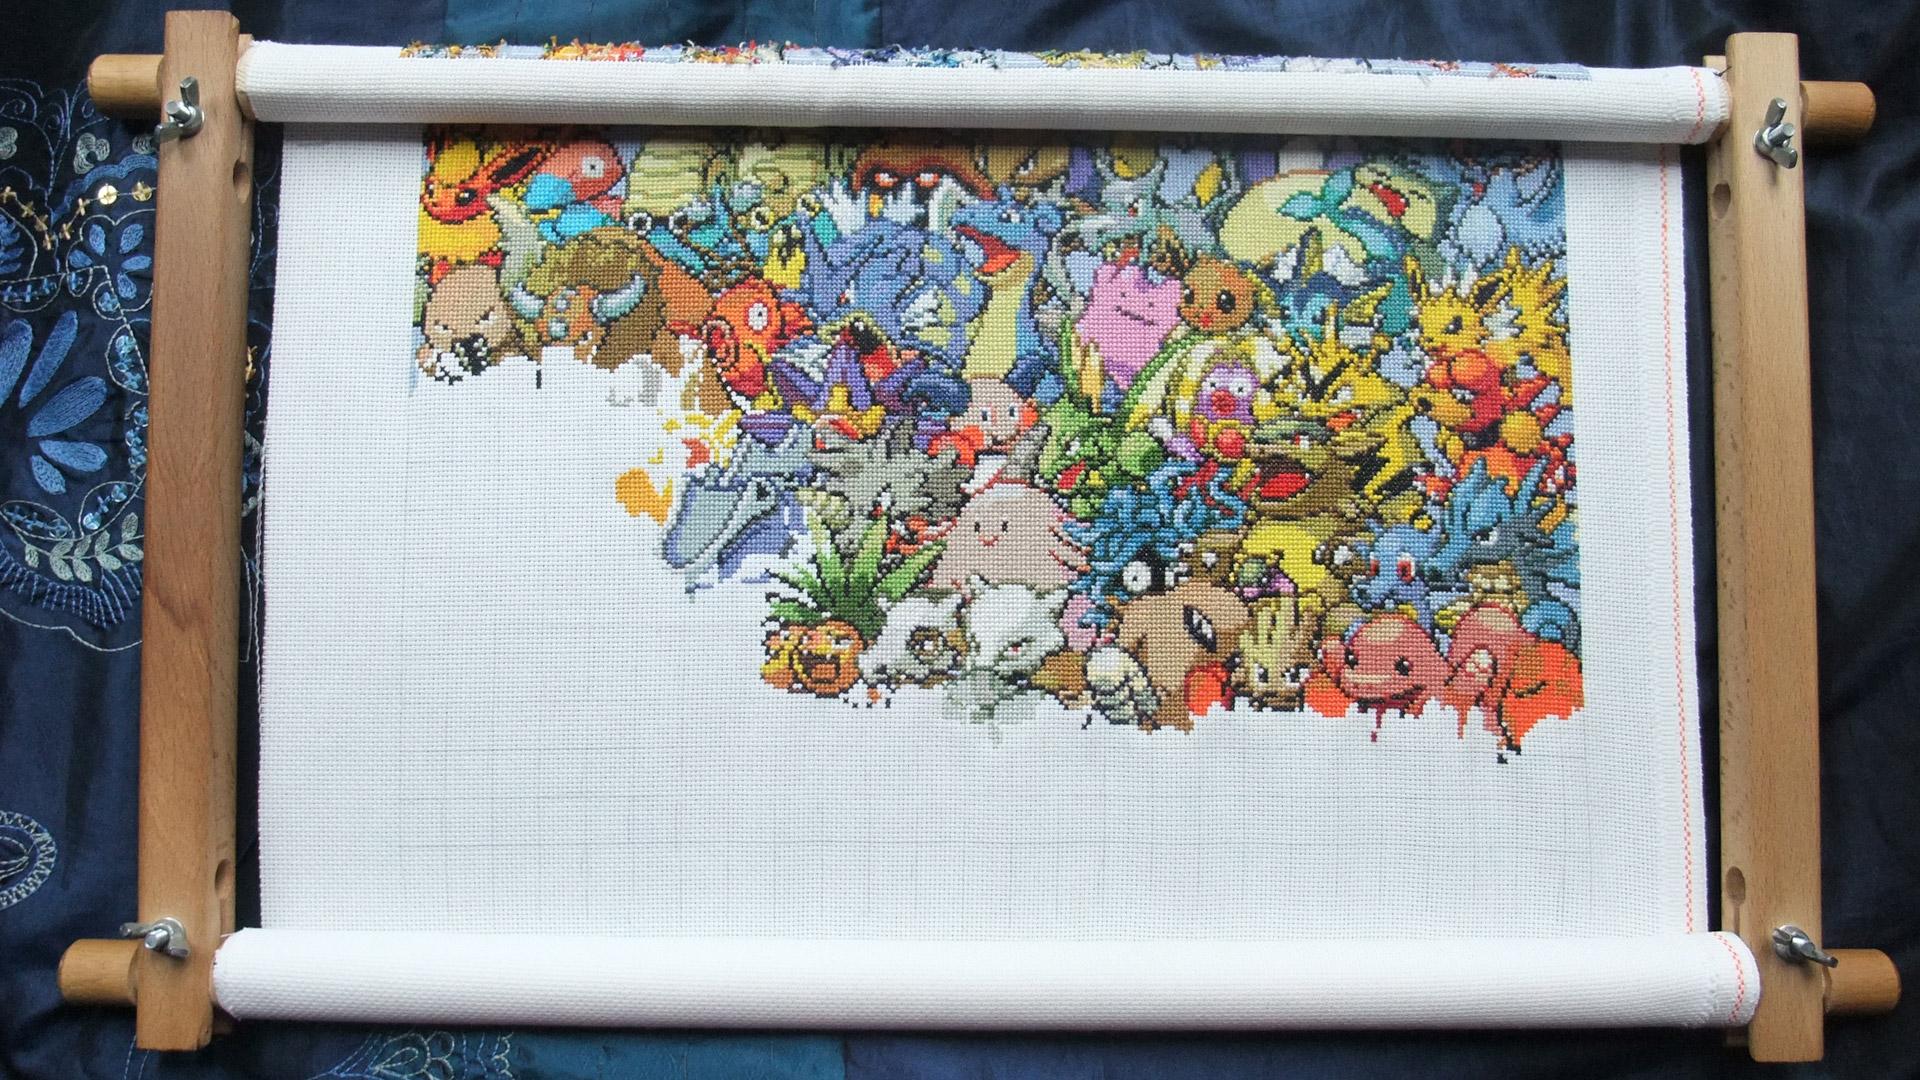 Pokemon in April